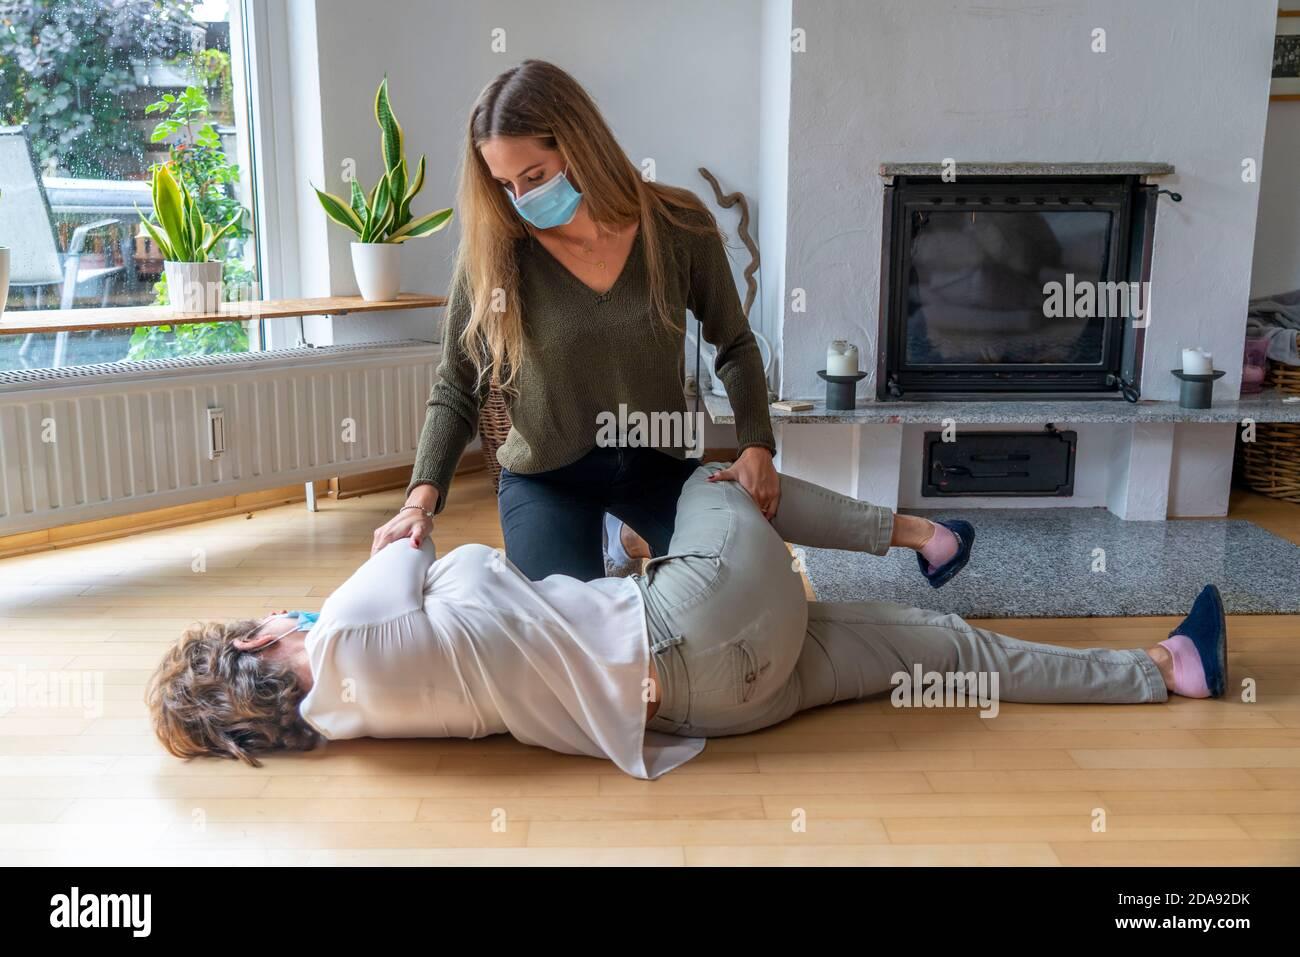 Erste Hilfe Massnahmen unter Corona-Bedingungen, Stabile Seitenlage, nach einem Unfall im der Wohnung, mit Mund-Nase-Maske, beim ErsteHilfe Leistende Foto de stock